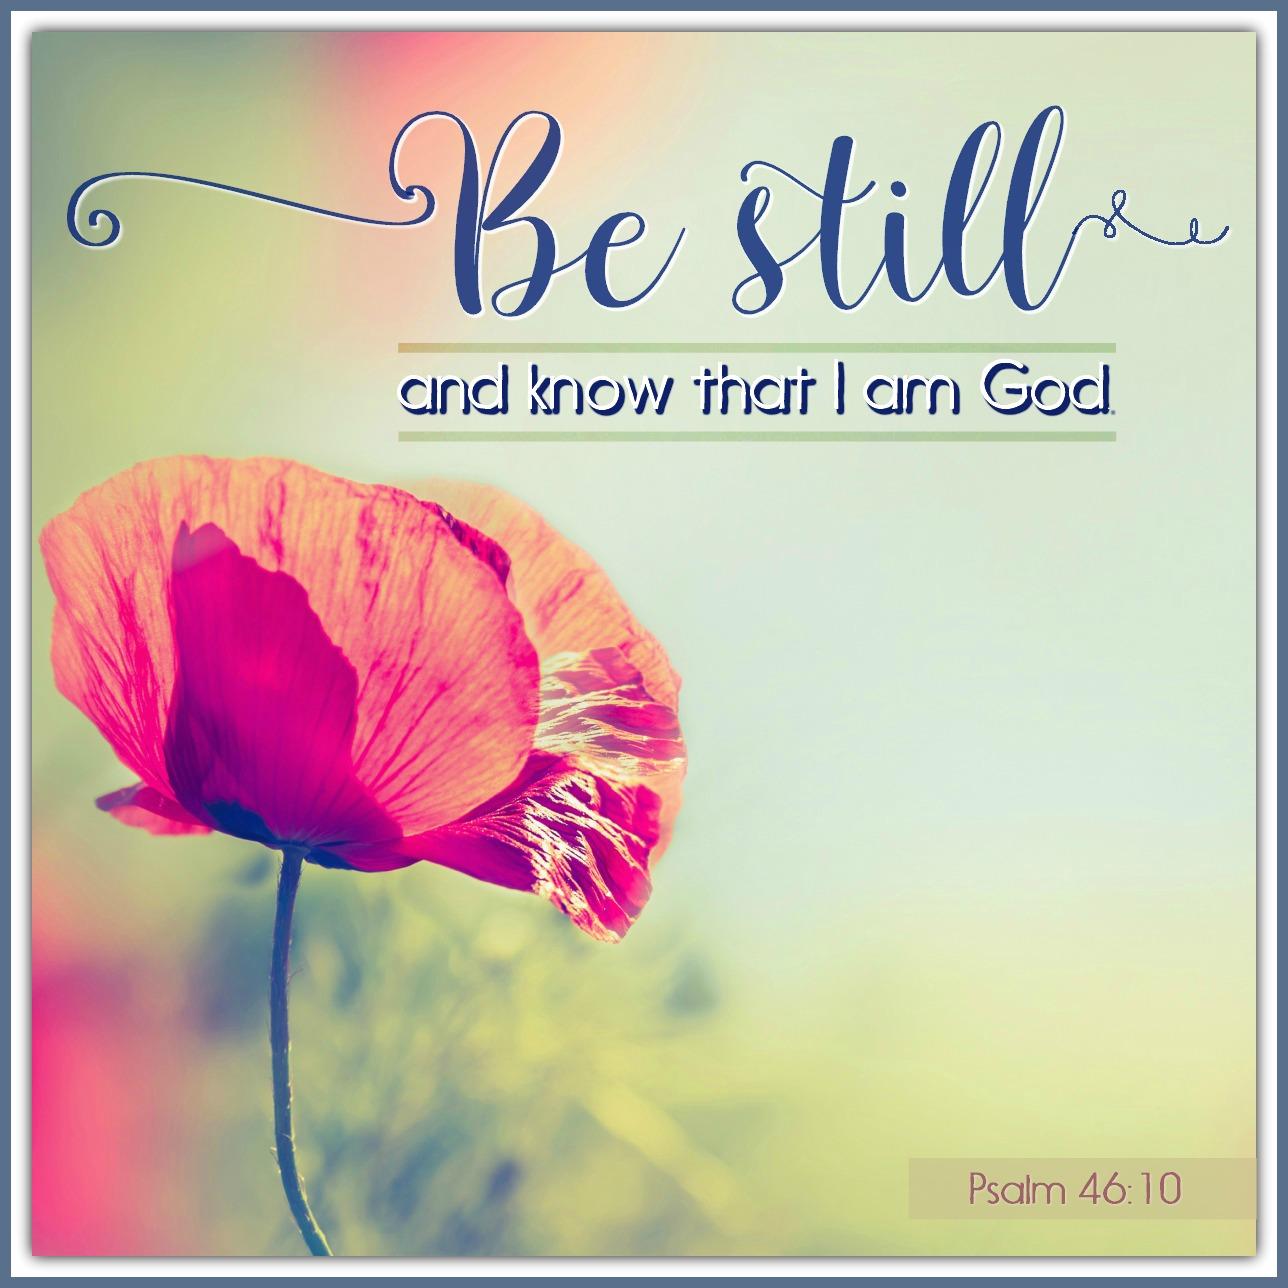 Verse: Psalm 46:10